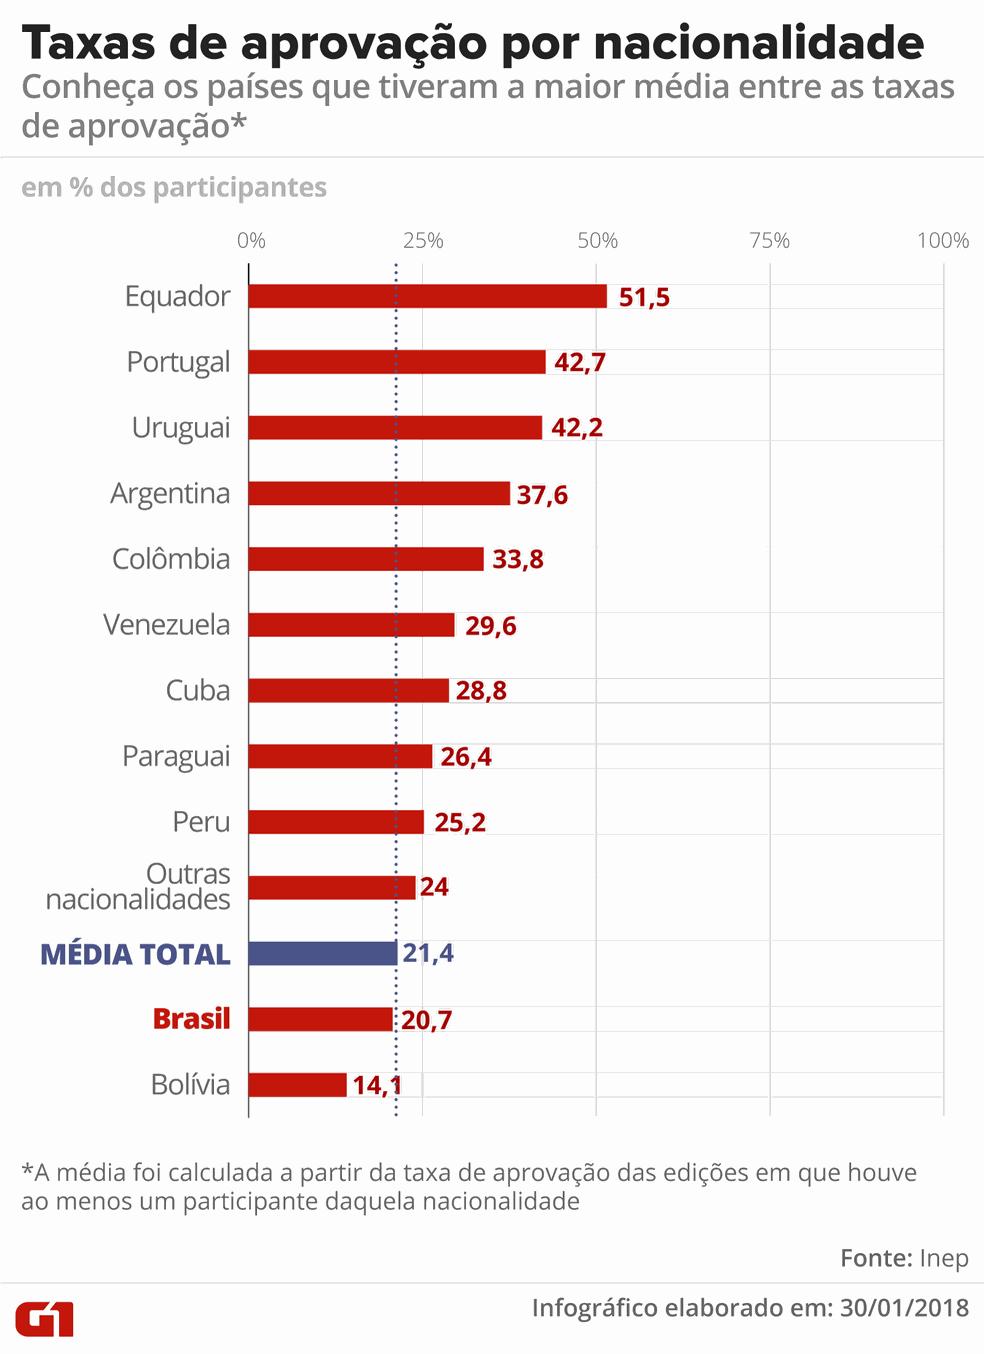 Cálculo da média das taxas de aprovação por país nas edições do Revalida entre 2011 e 2016 (nos anos em que o país teve pelo menos um participante) — Foto: Alexandre Mauro/G1